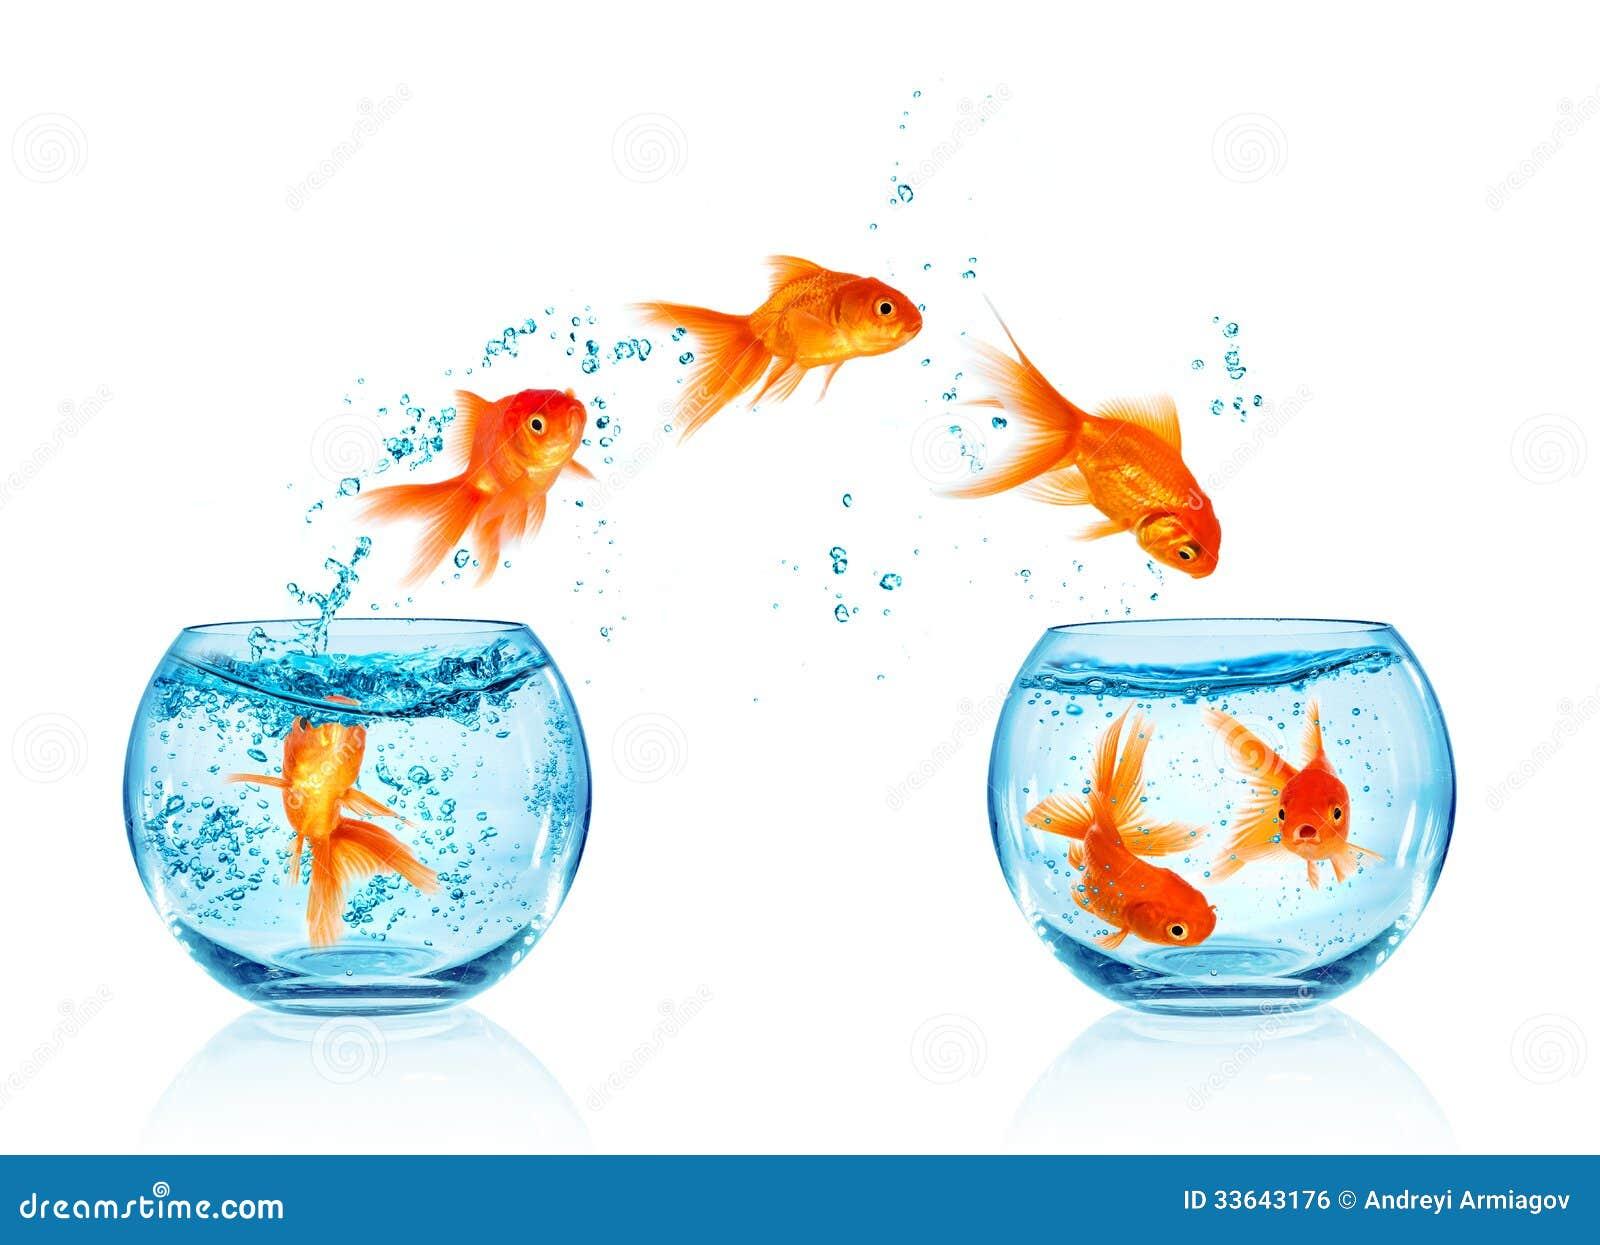 Sauter de poisson rouge image libre de droits image for Recherche poisson rouge